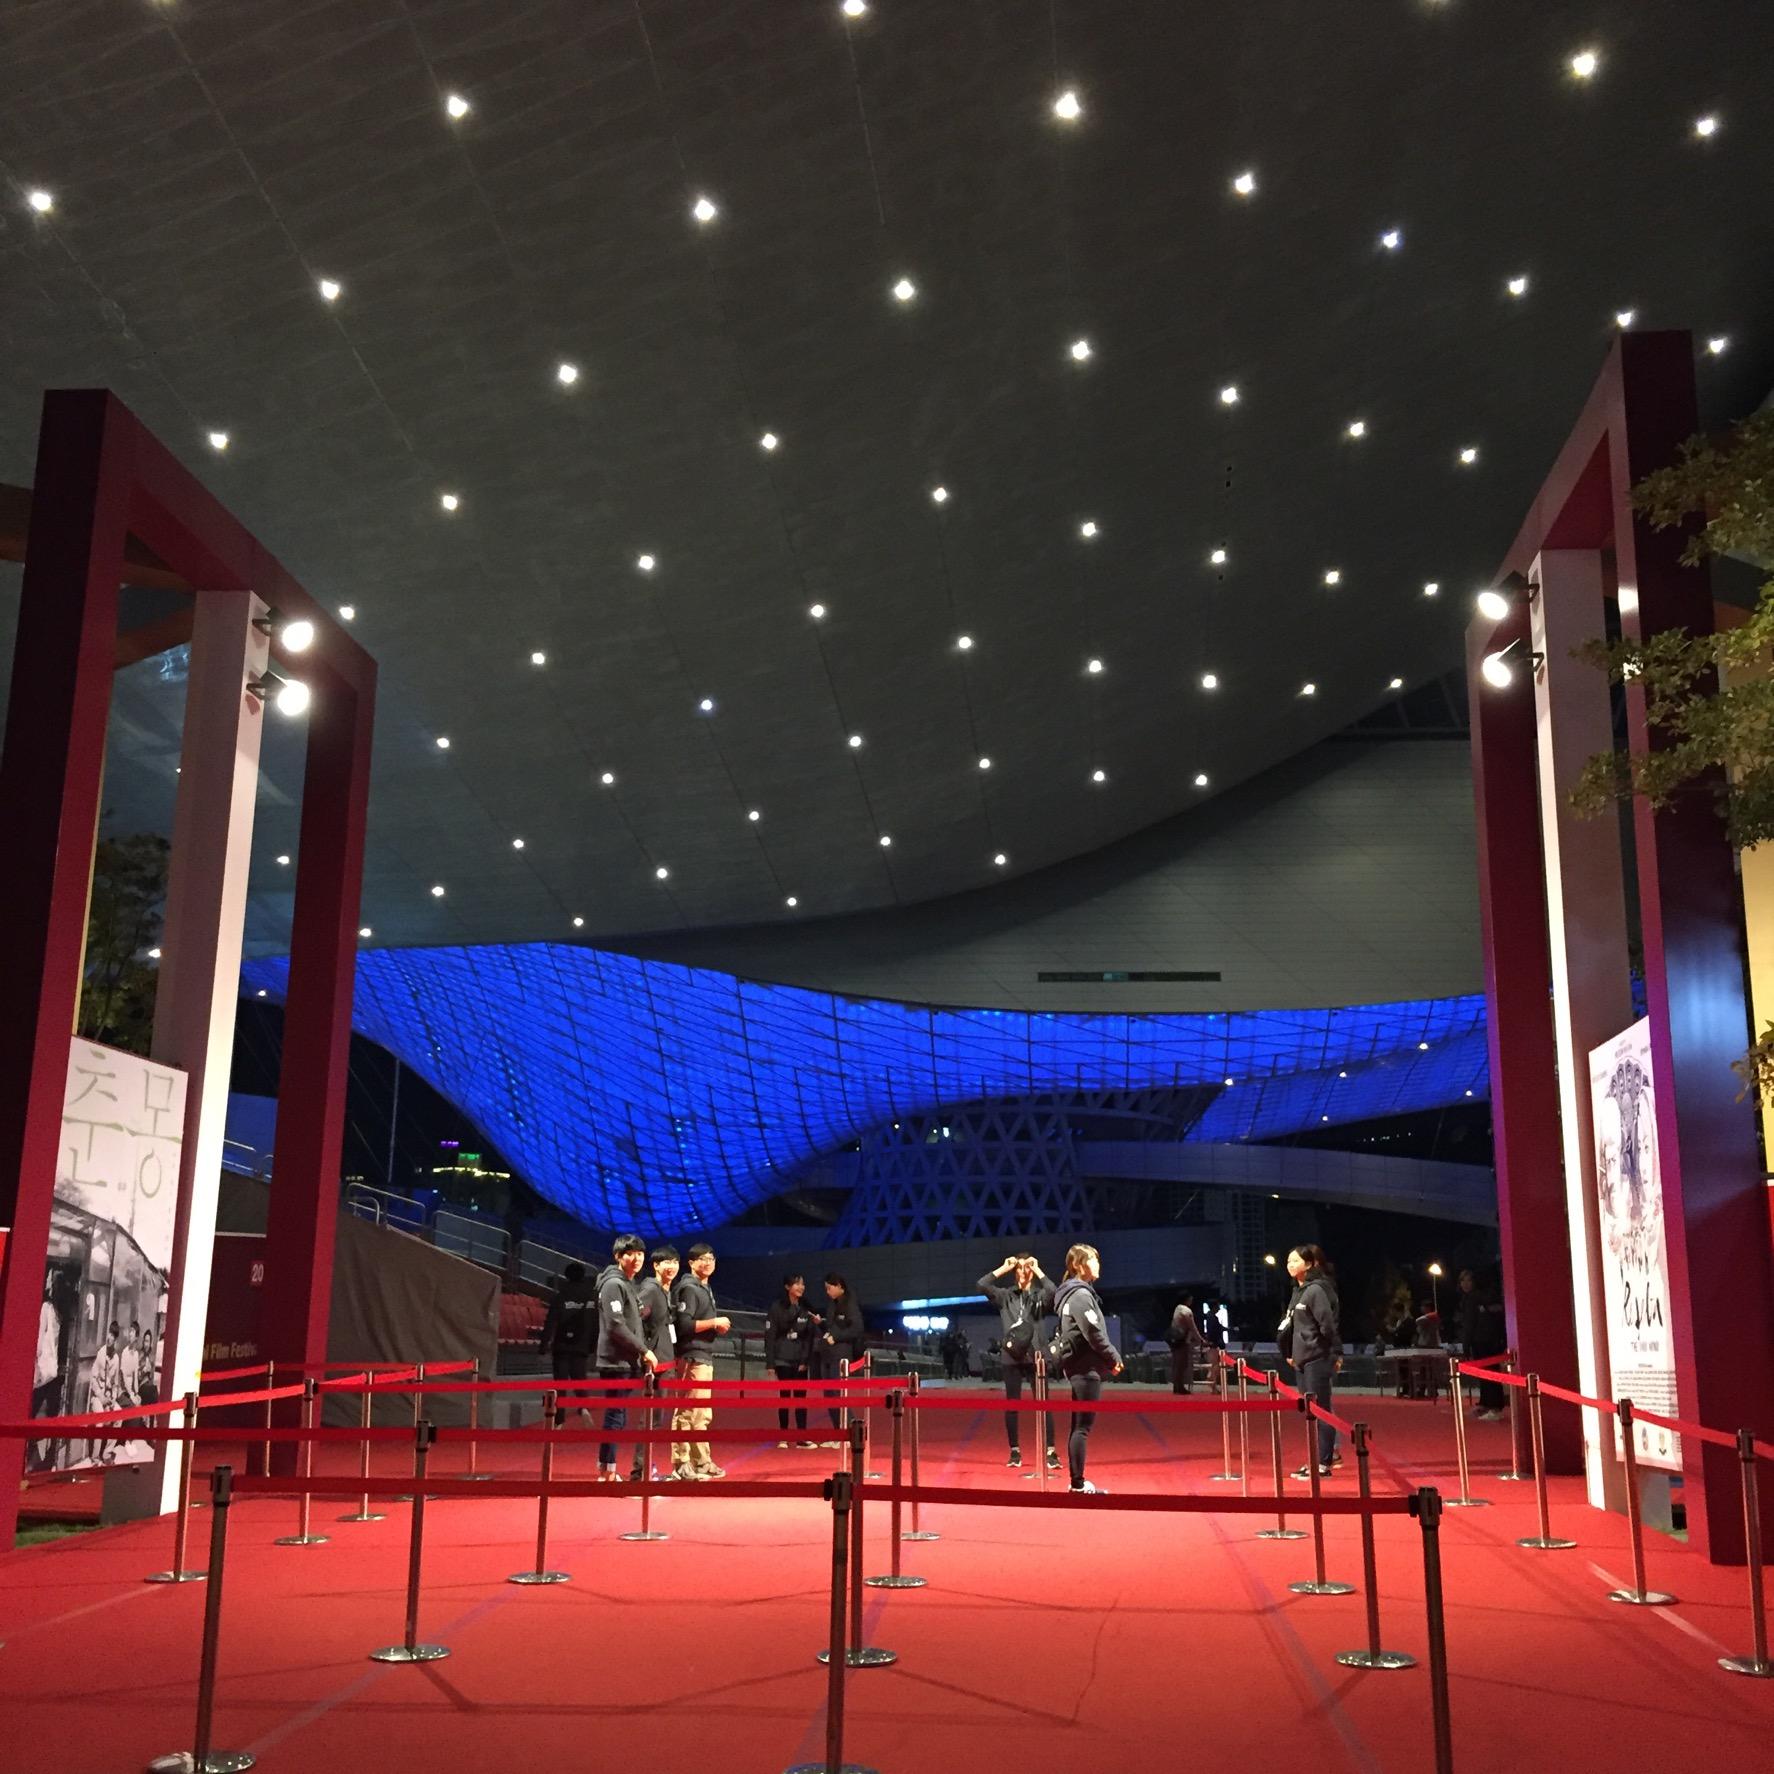 映画祭のメイン会場は雰囲気がありますね